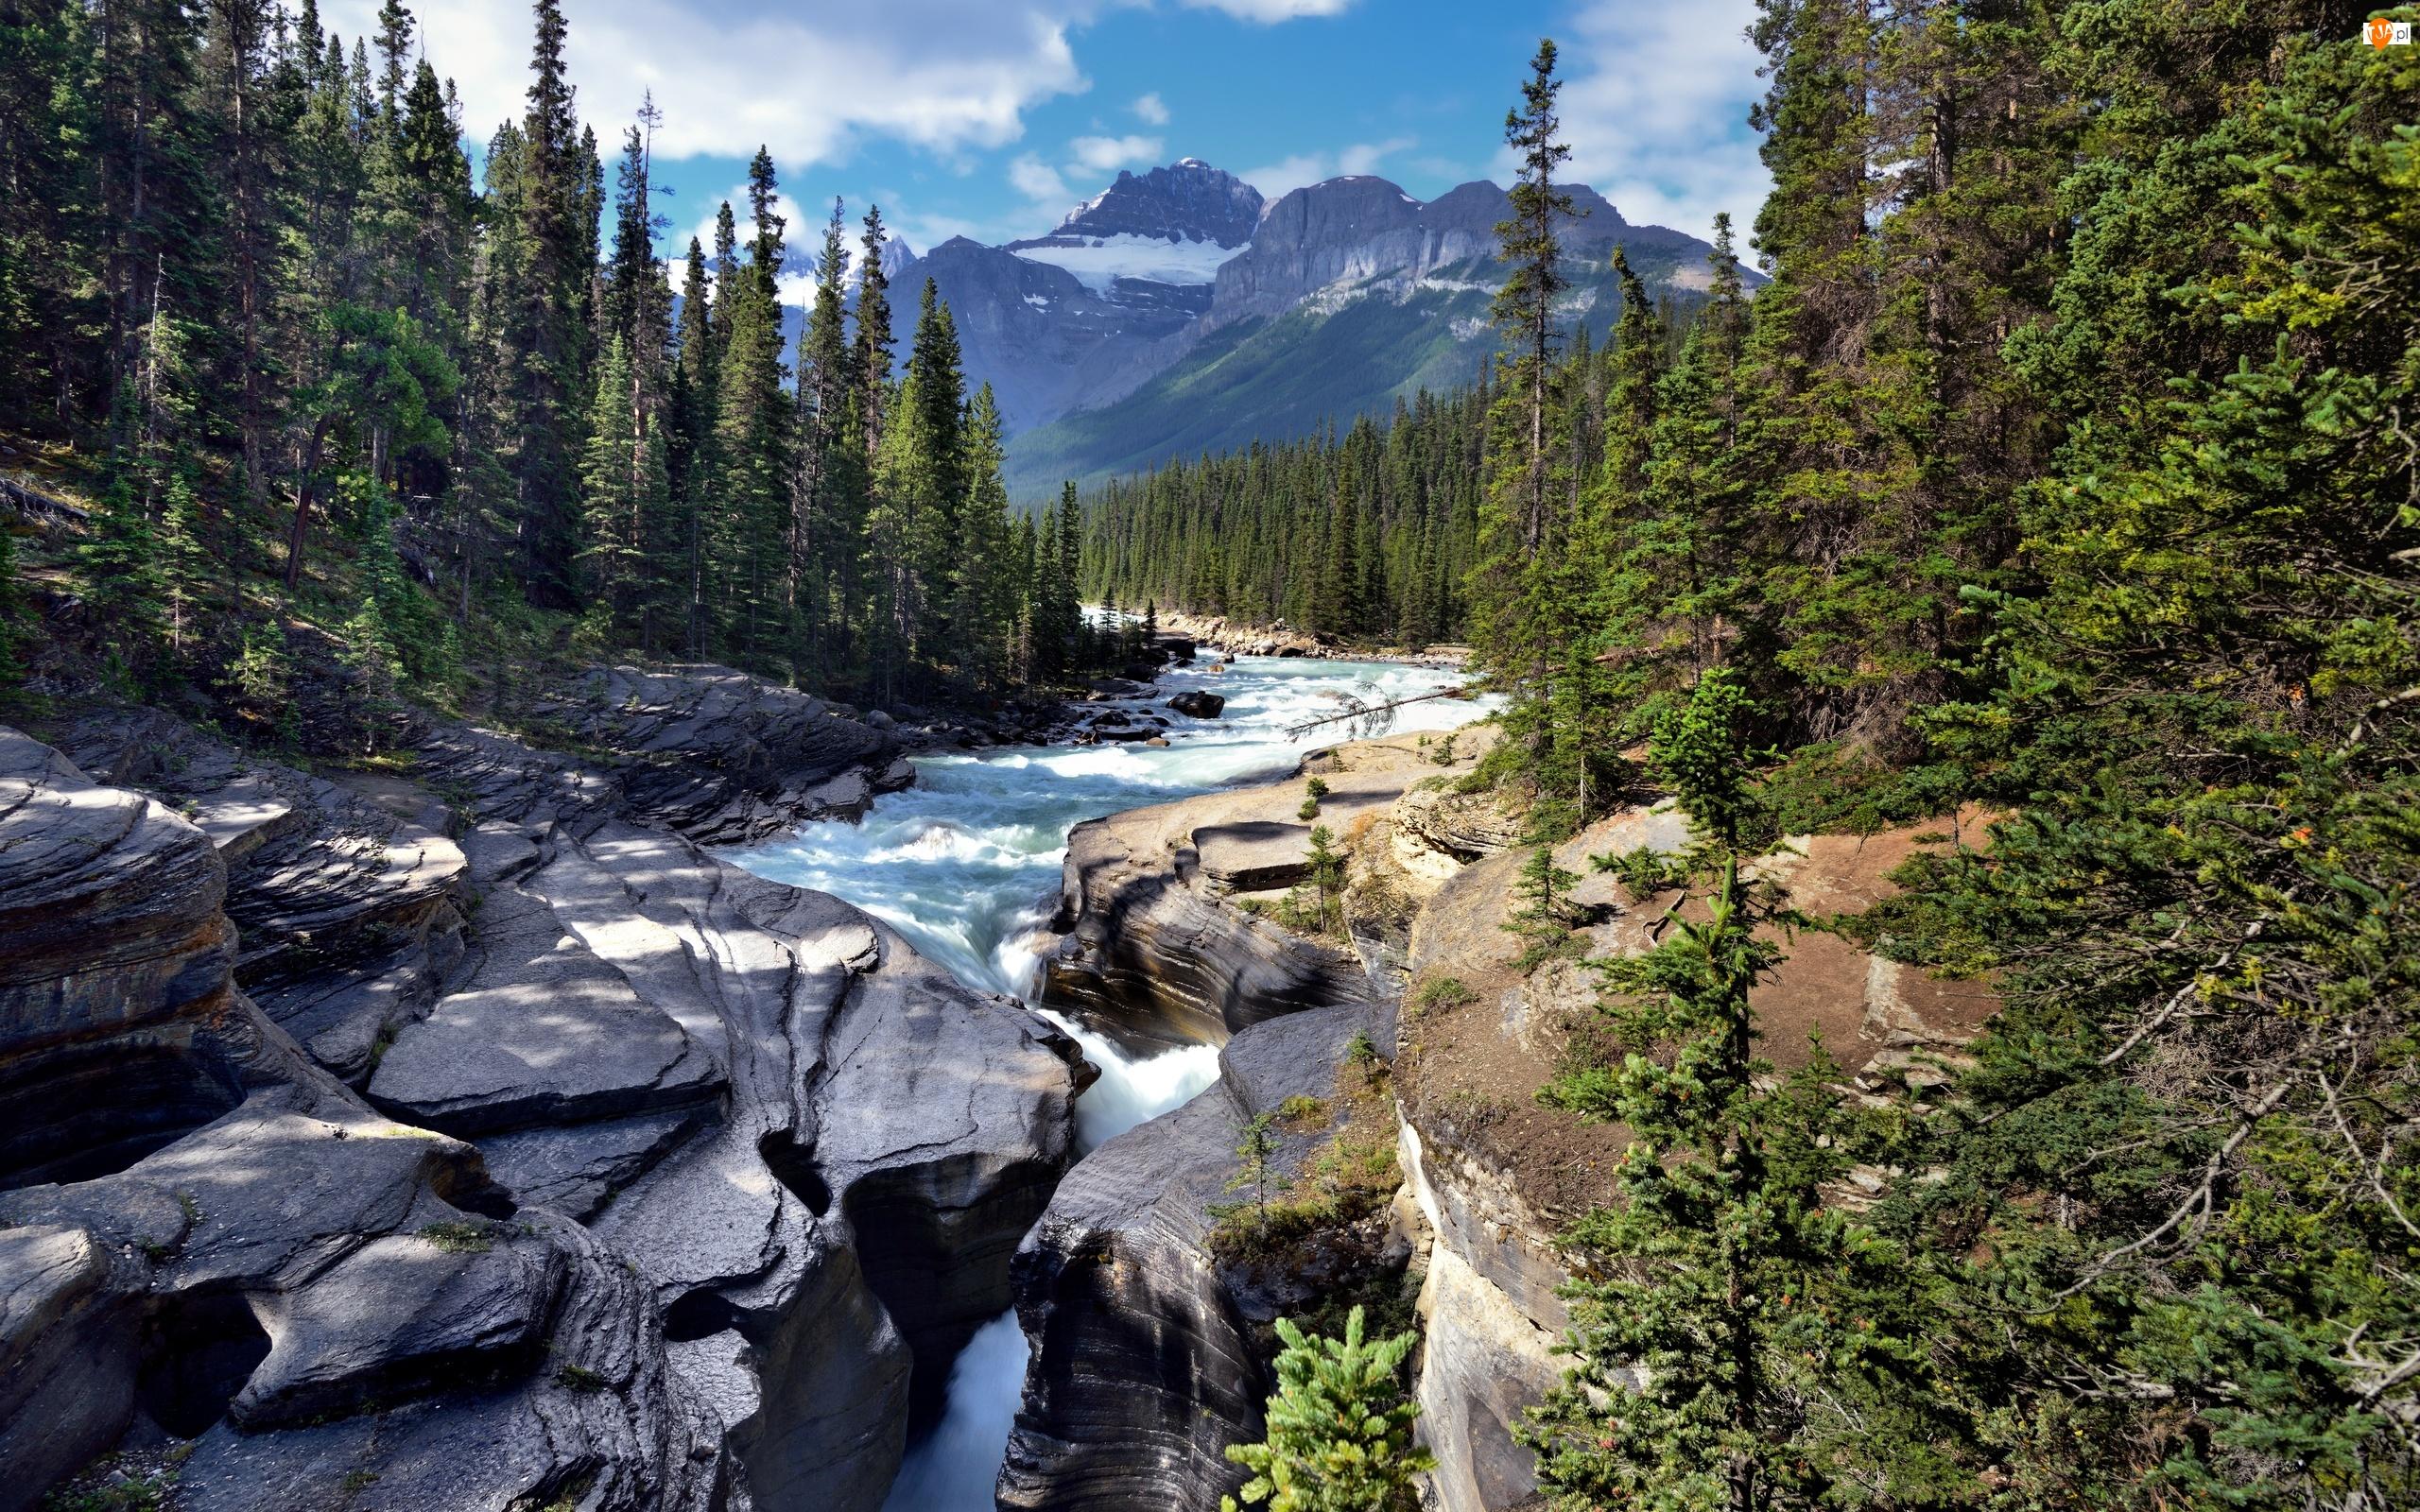 Las, Góry, Skały, Rzeka, Drzewa